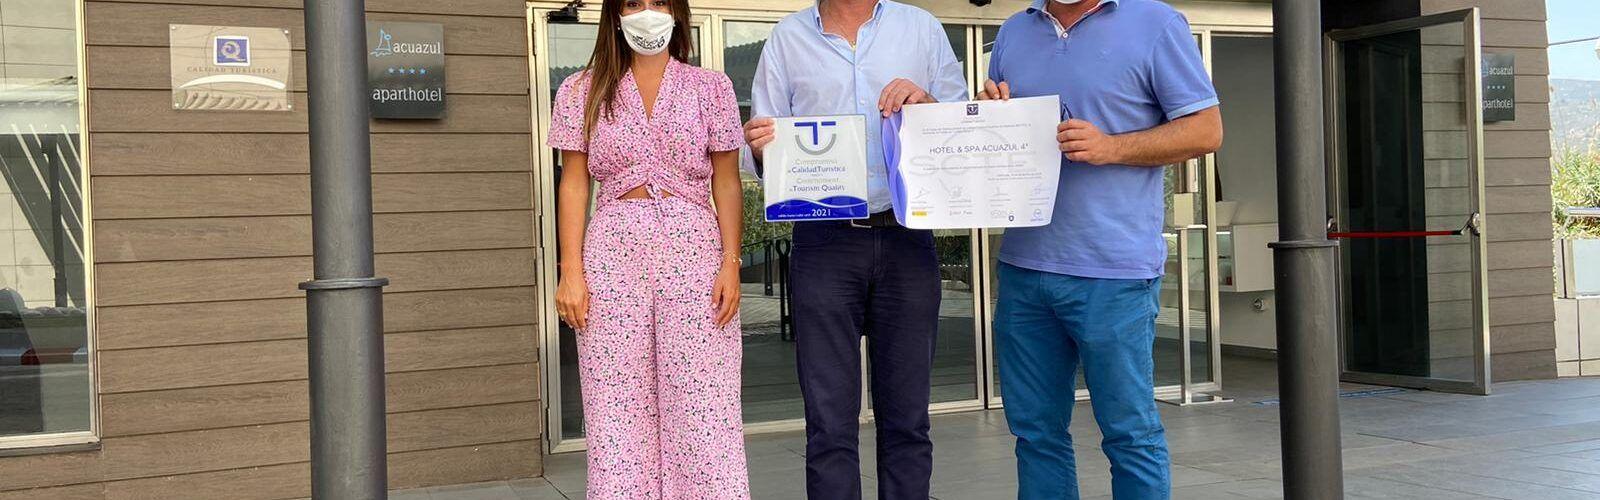 29 empreses i serveis públics de Peníscola formen part del programa de qualitat turística SICTED